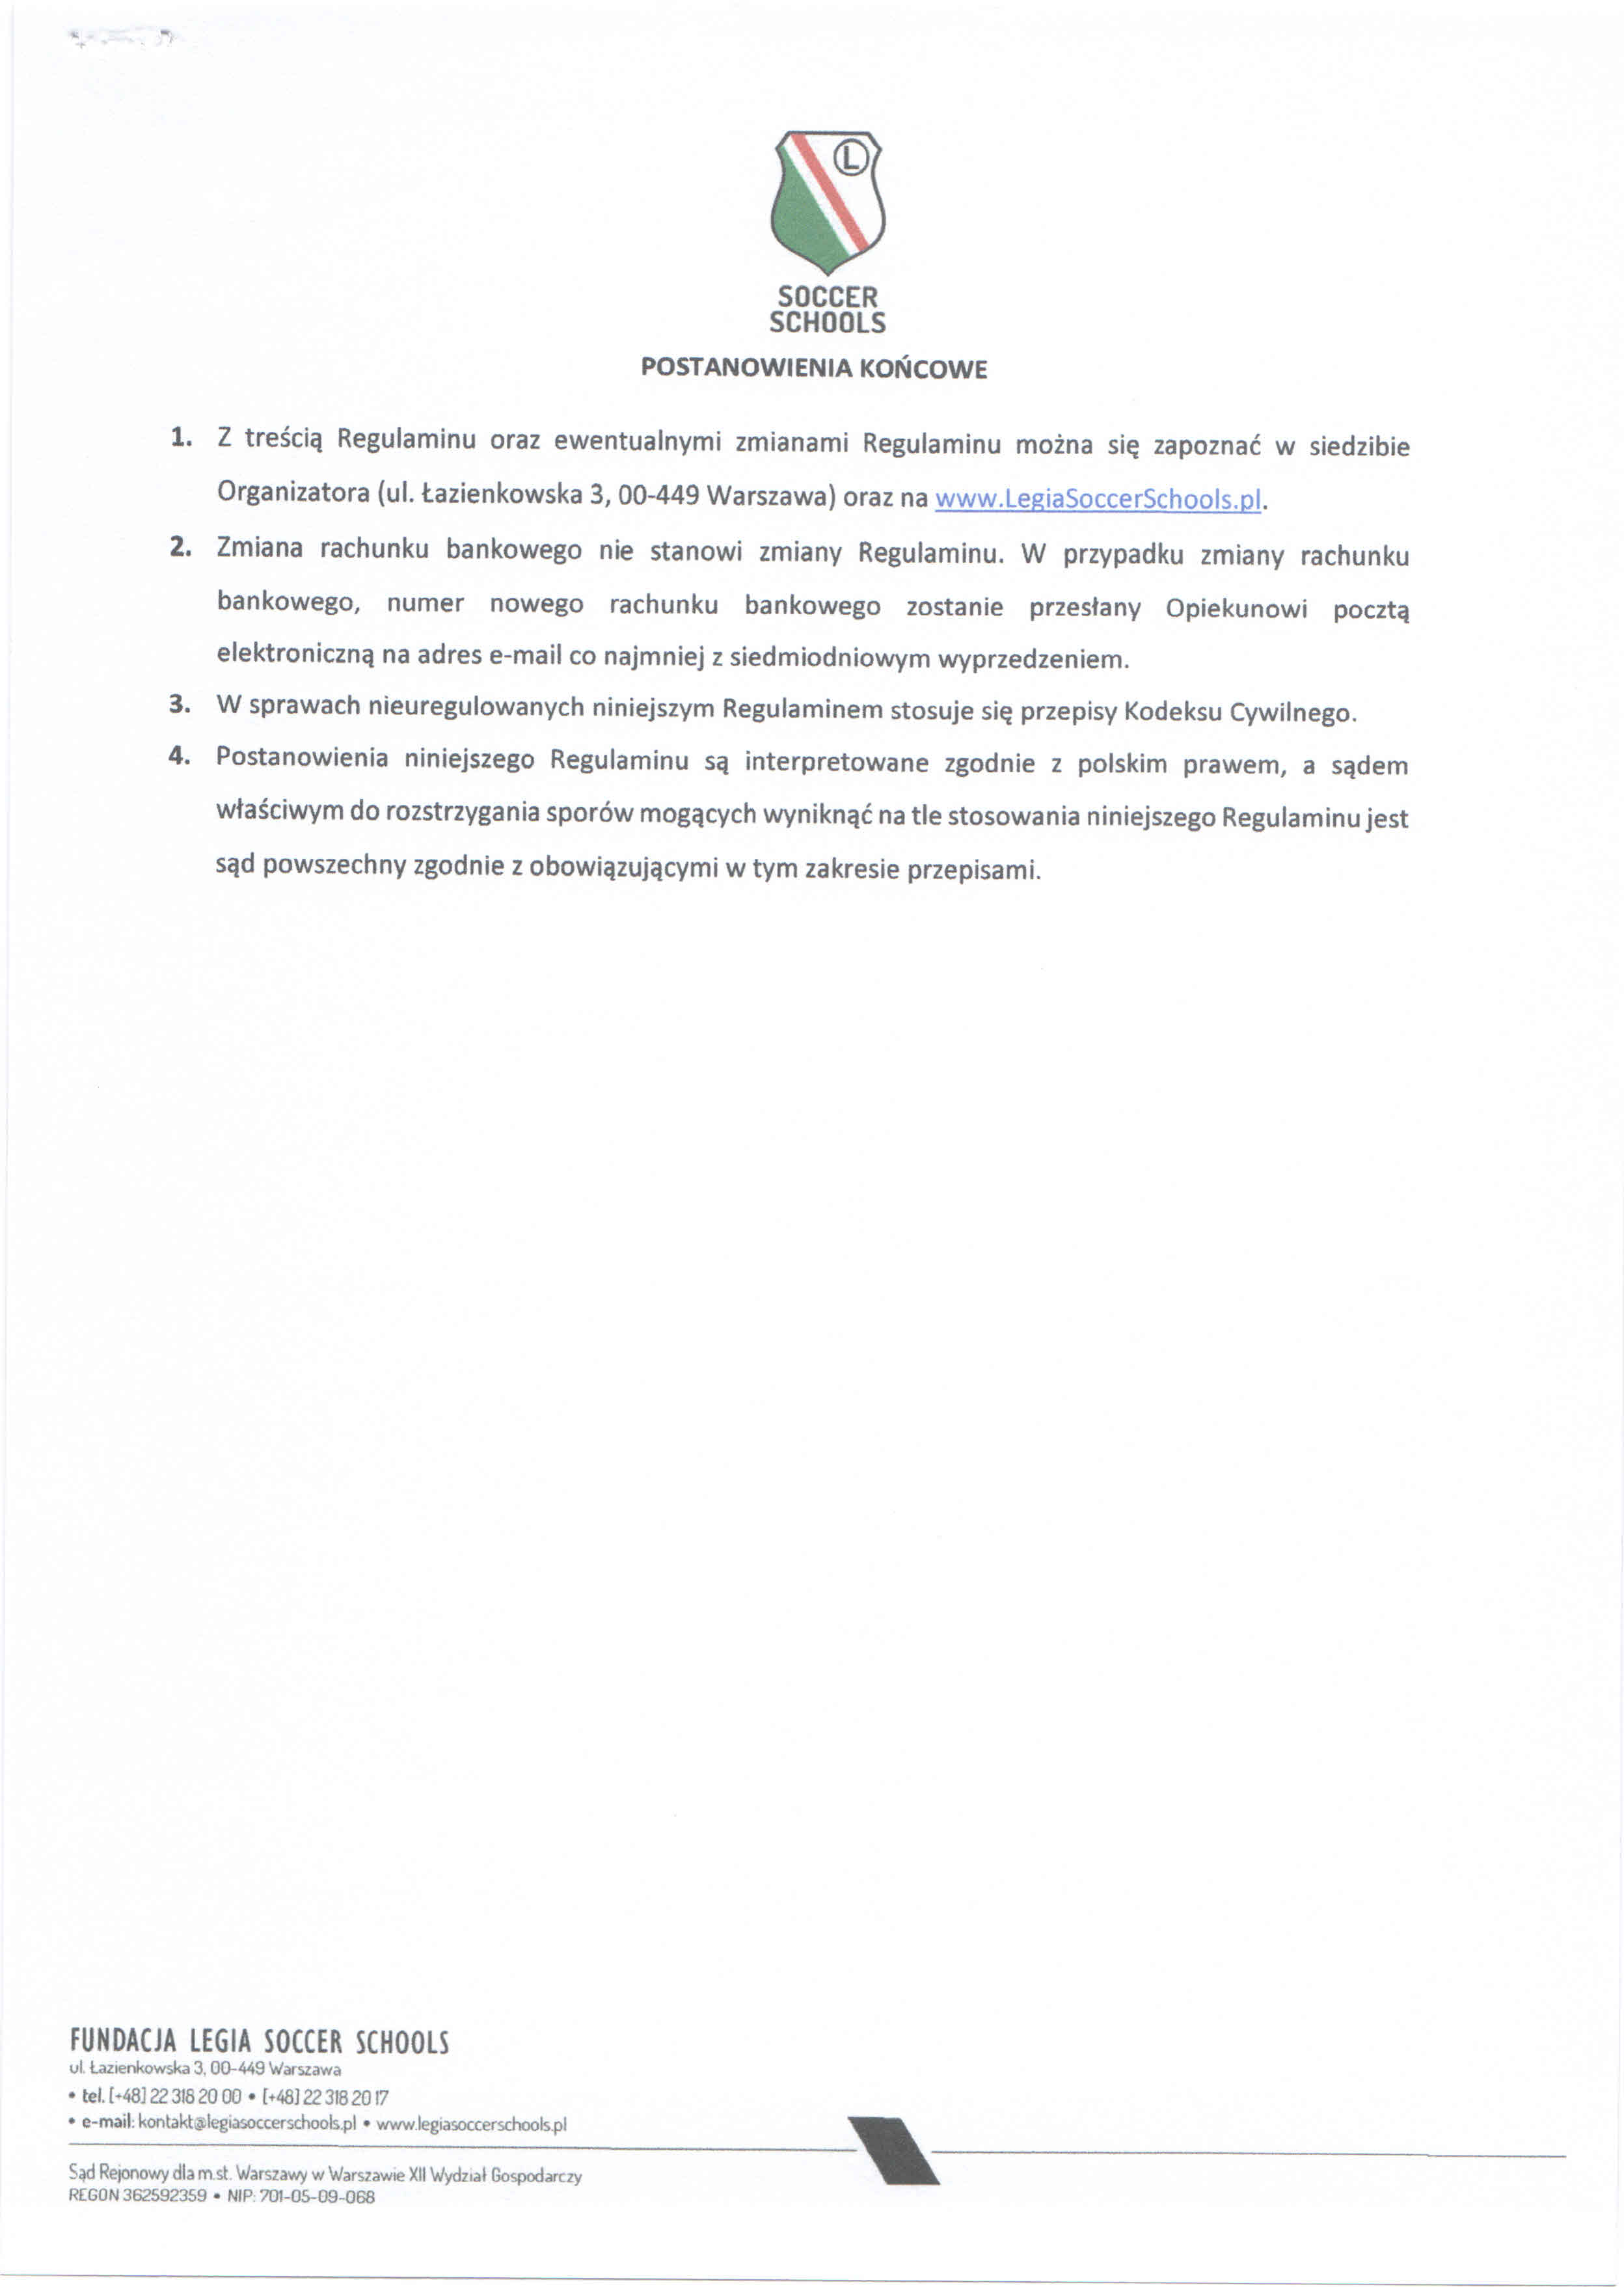 Regulamin_zajęć_LSS.7.jpg